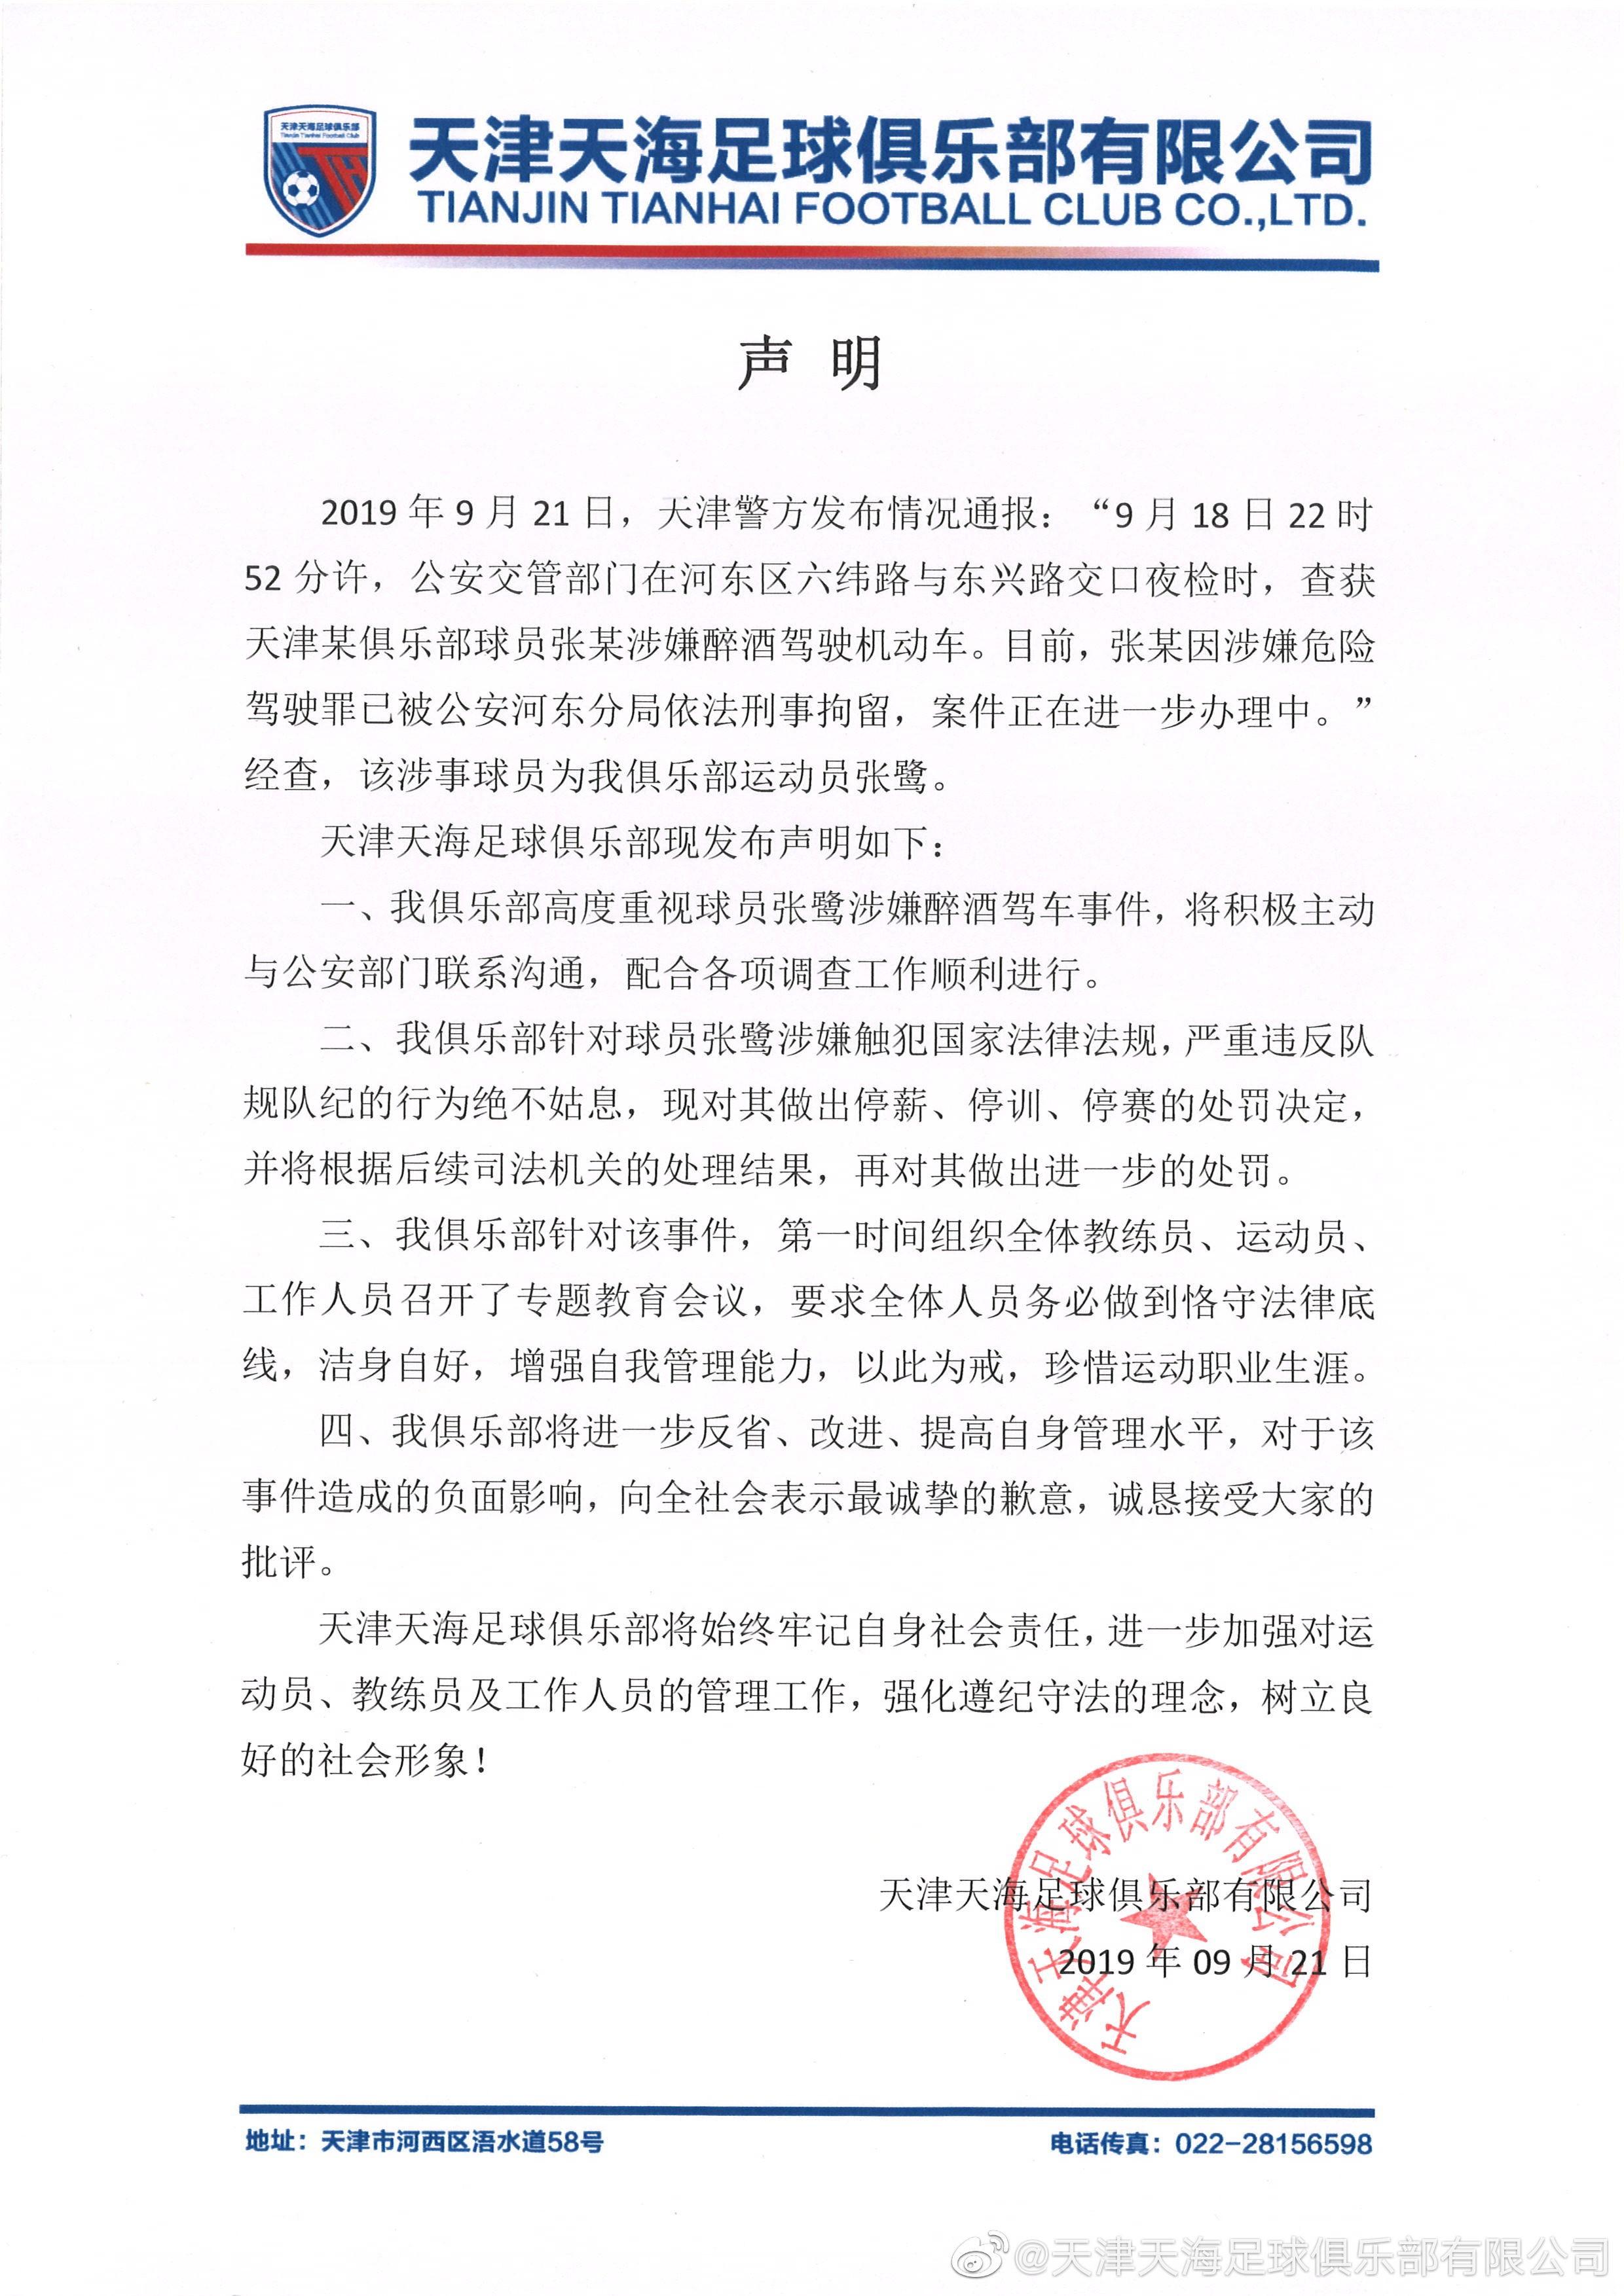 天津天海处罚张鹭 天海官方:对张鹭进行停薪、停训、停赛的处罚